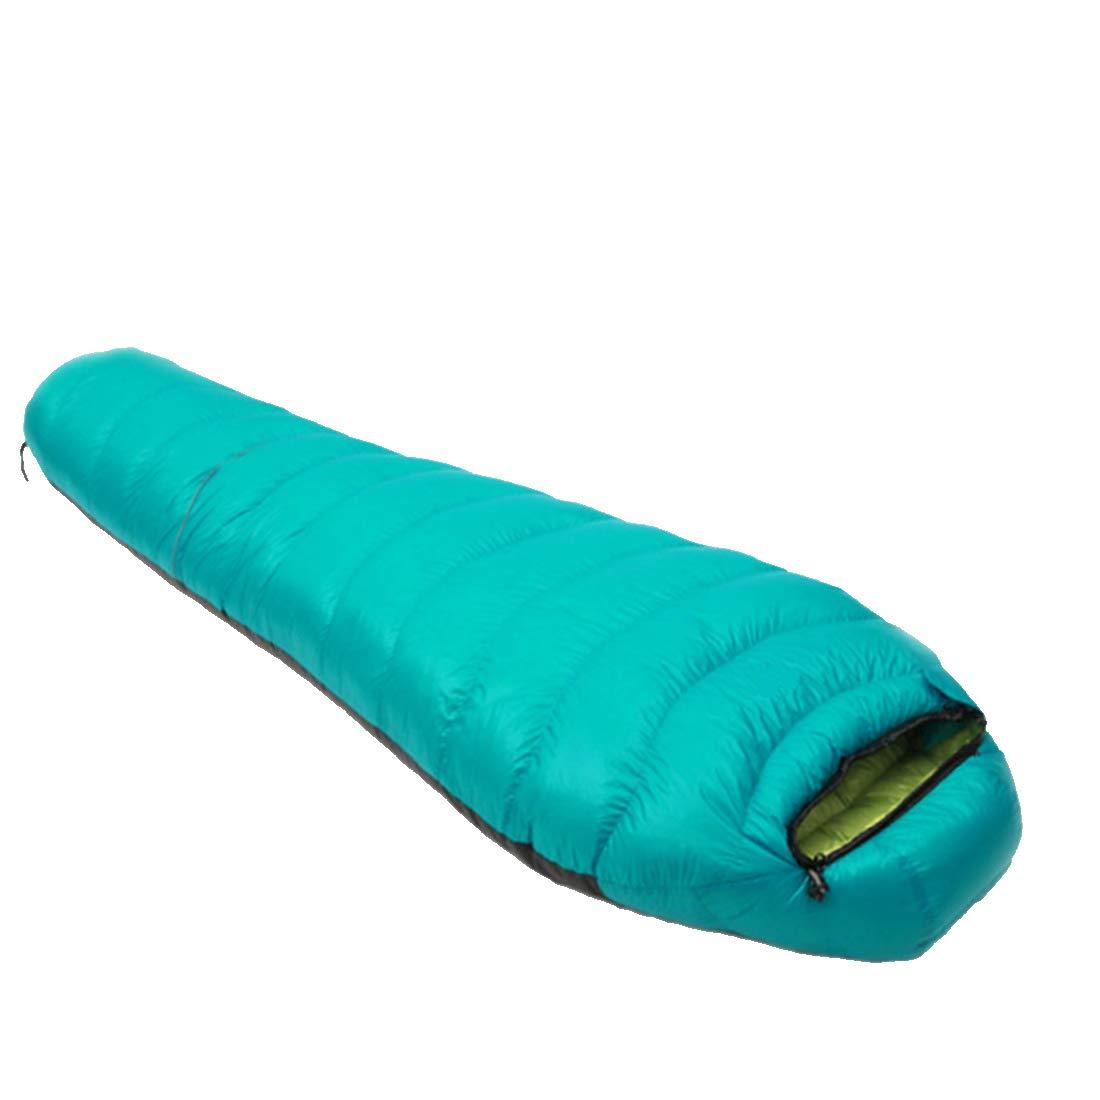 Igspfbjn Kompressions-Sack-Ultra Leichter Schlafsack für Das Kampieren (Farbe   Grün, Größe   1500g)